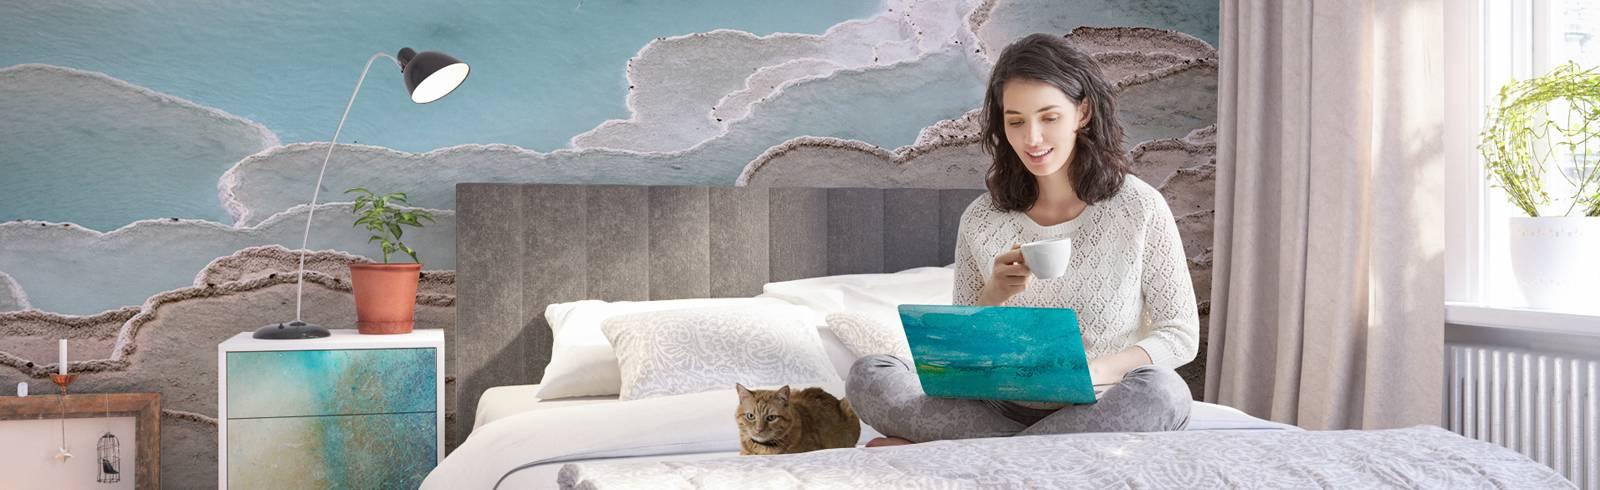 Carta da Parati & adesivi per camera da letto - Relax